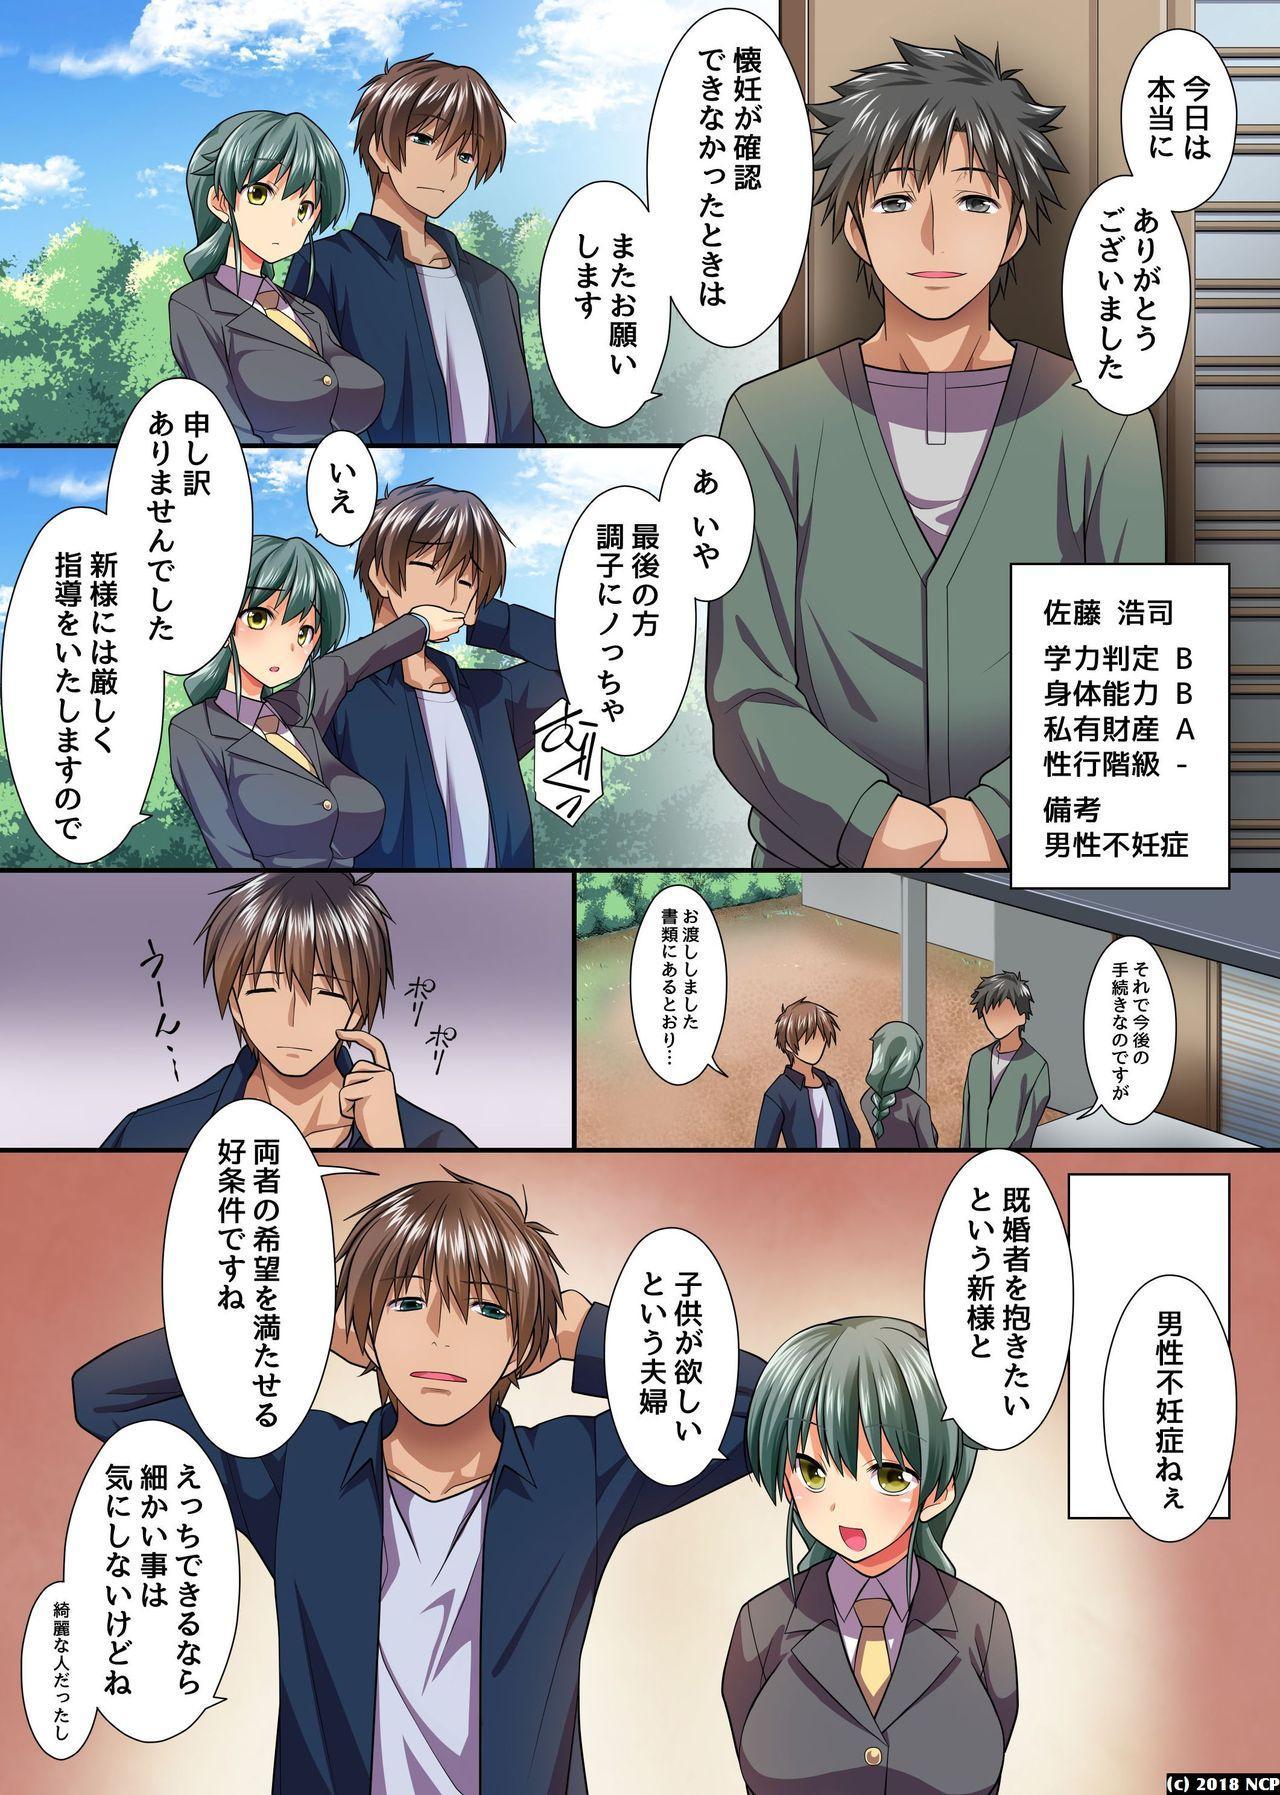 Hitozuma tomo gou hou teki niyari houdai~Seishi wo watashi no chitsu ni buchikonde kudasai! 11